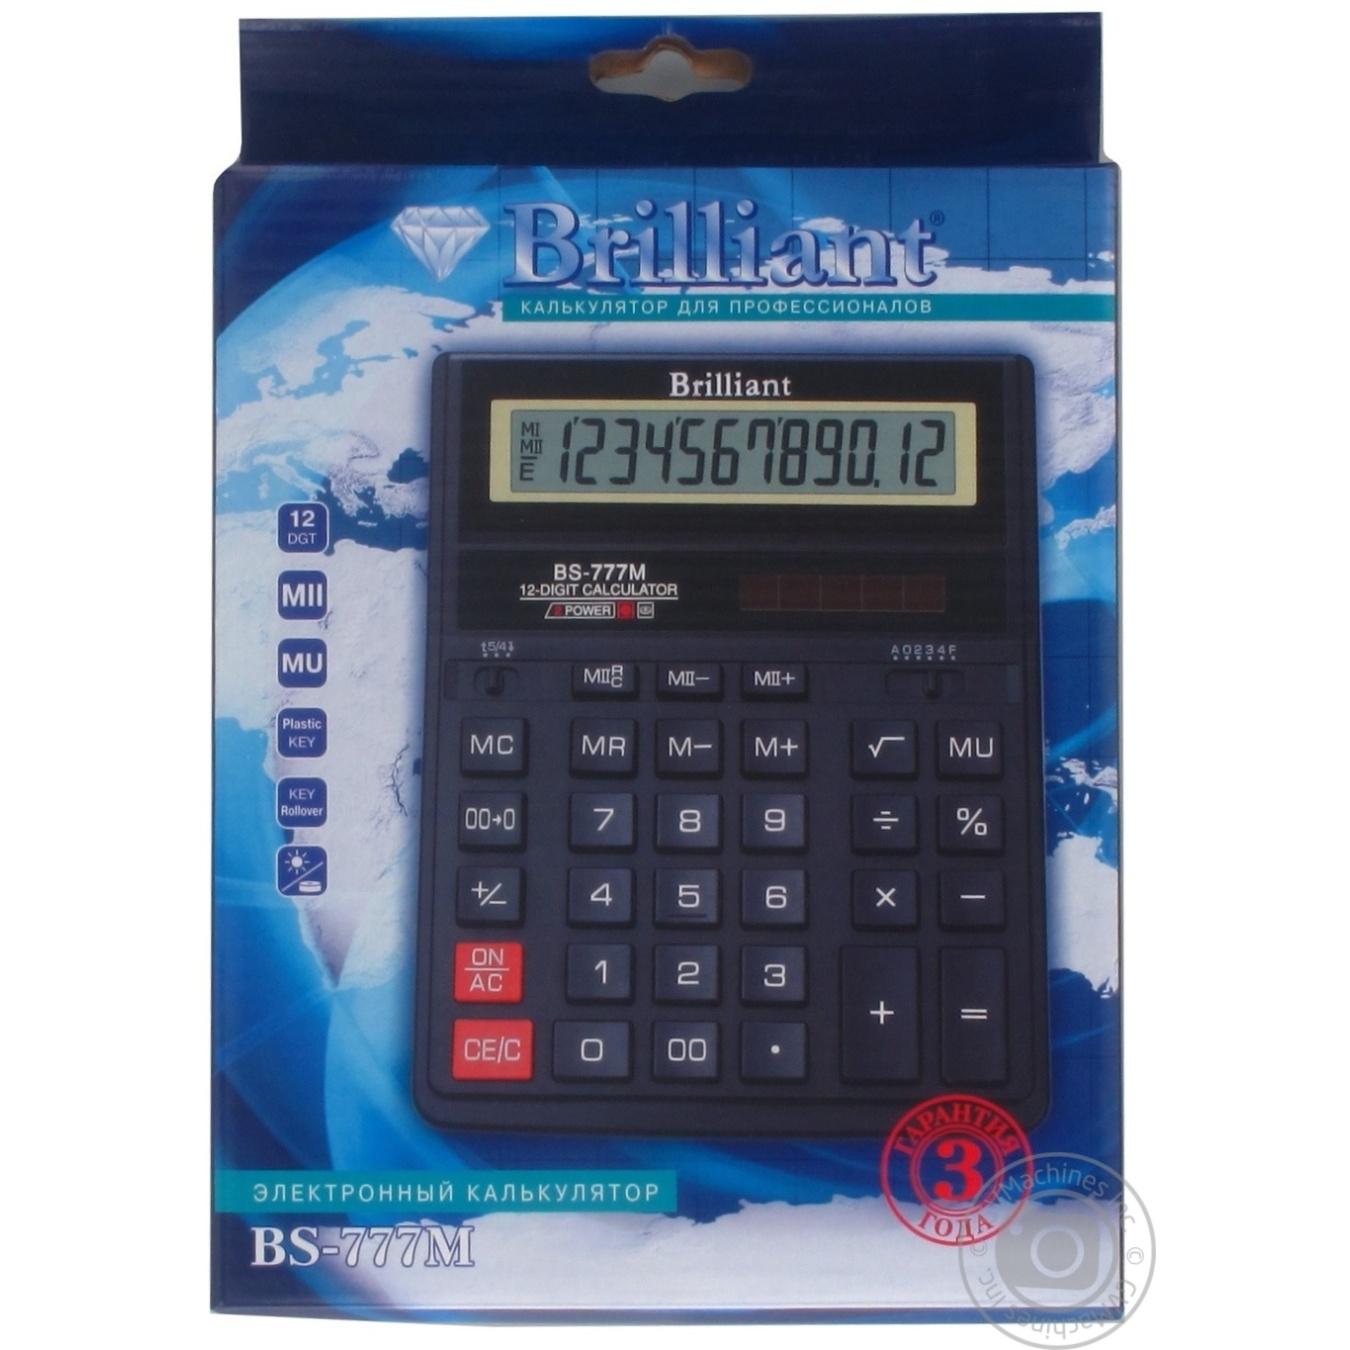 Купить Калькулятор Brilliant BS777M